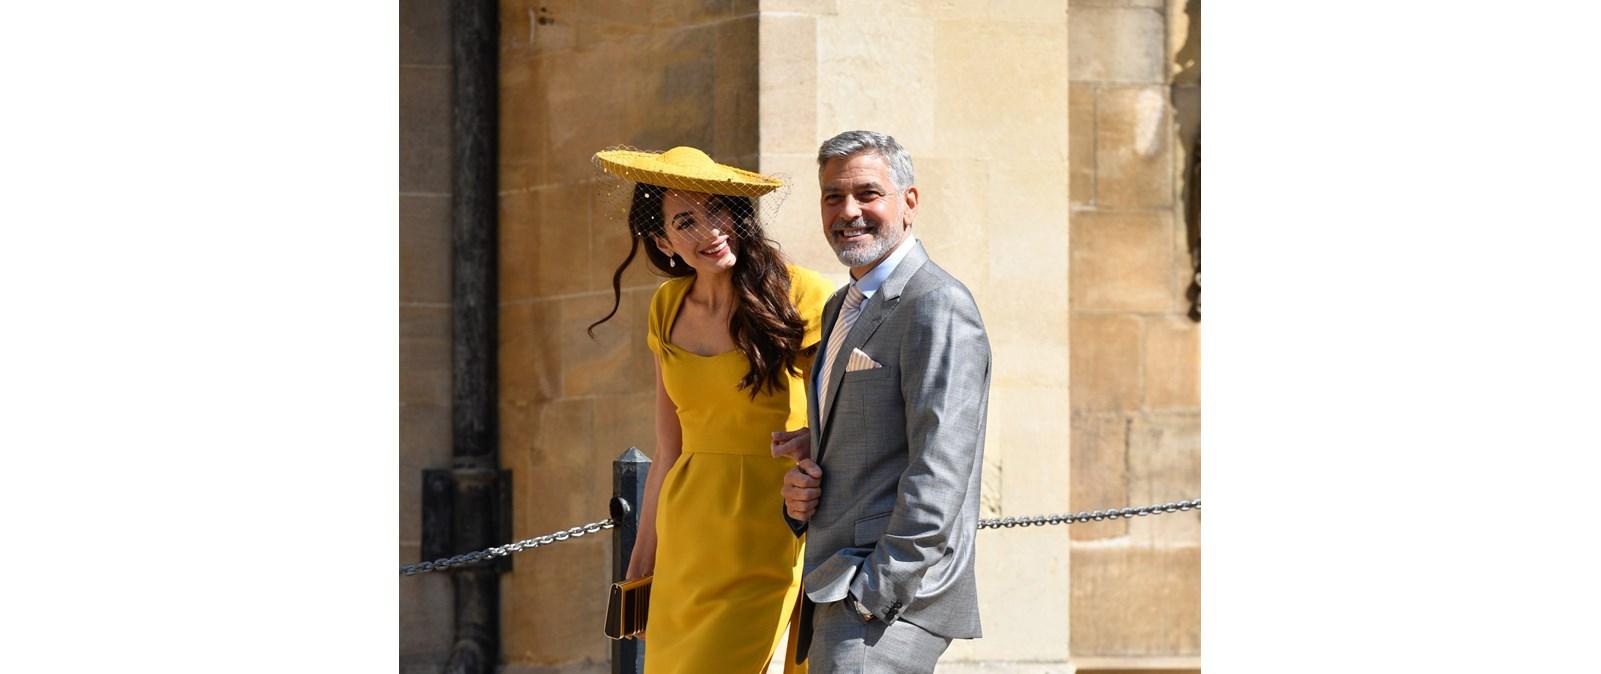 πρίγκιπας Γιώργος σε απευθείας σύνδεση dating βρείτε νέο πάθος σε απευθείας σύνδεση dating